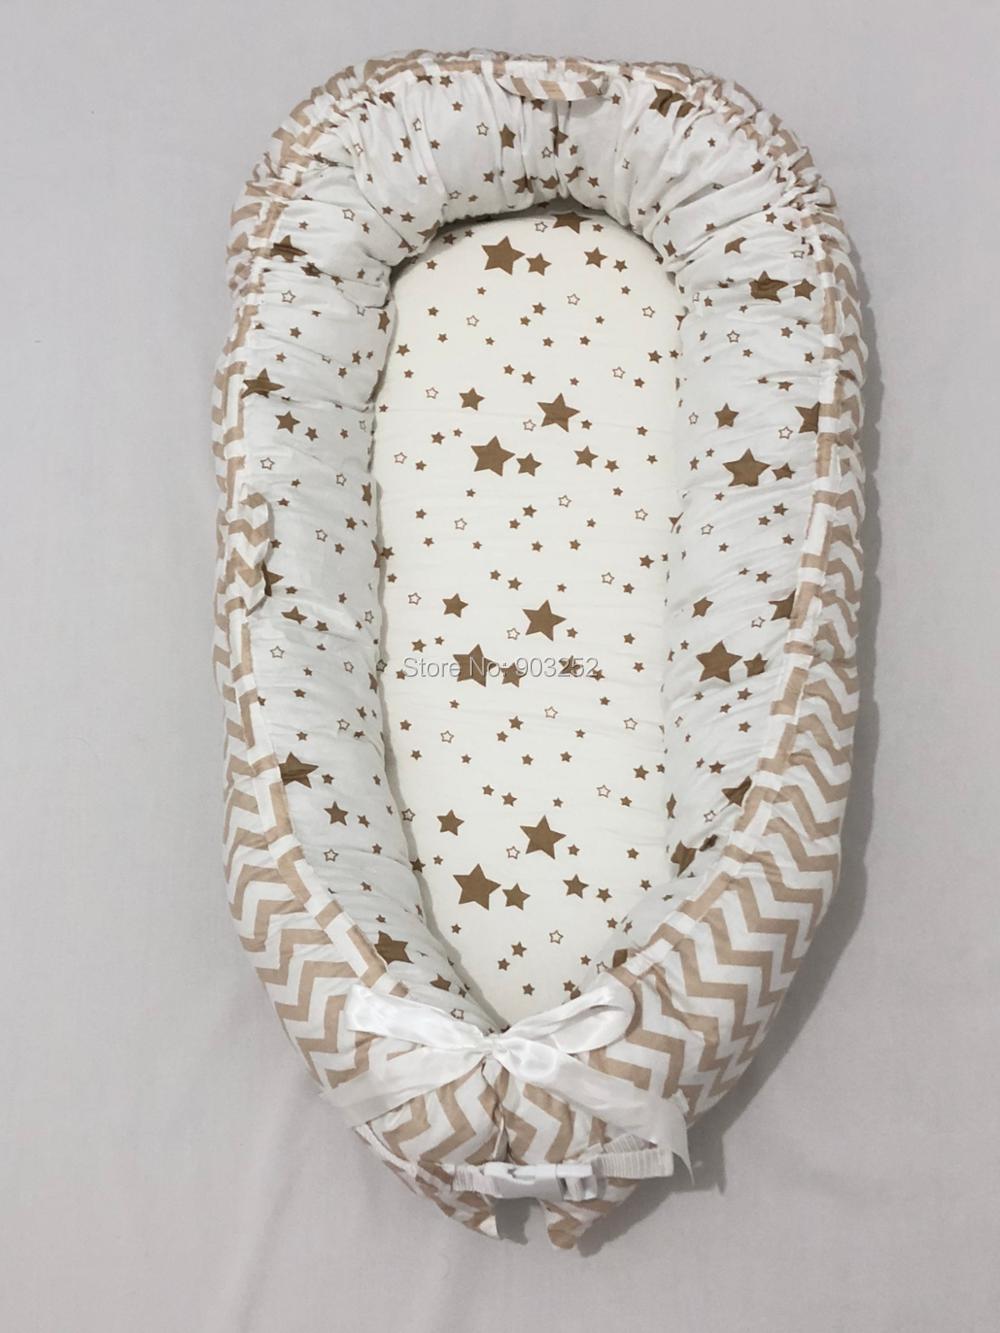 Разборные Детские гнезда кровать или малыша Размер гнезда, мята и совы, портативная кроватка, co спальное место babynest для новорожденных и малышей